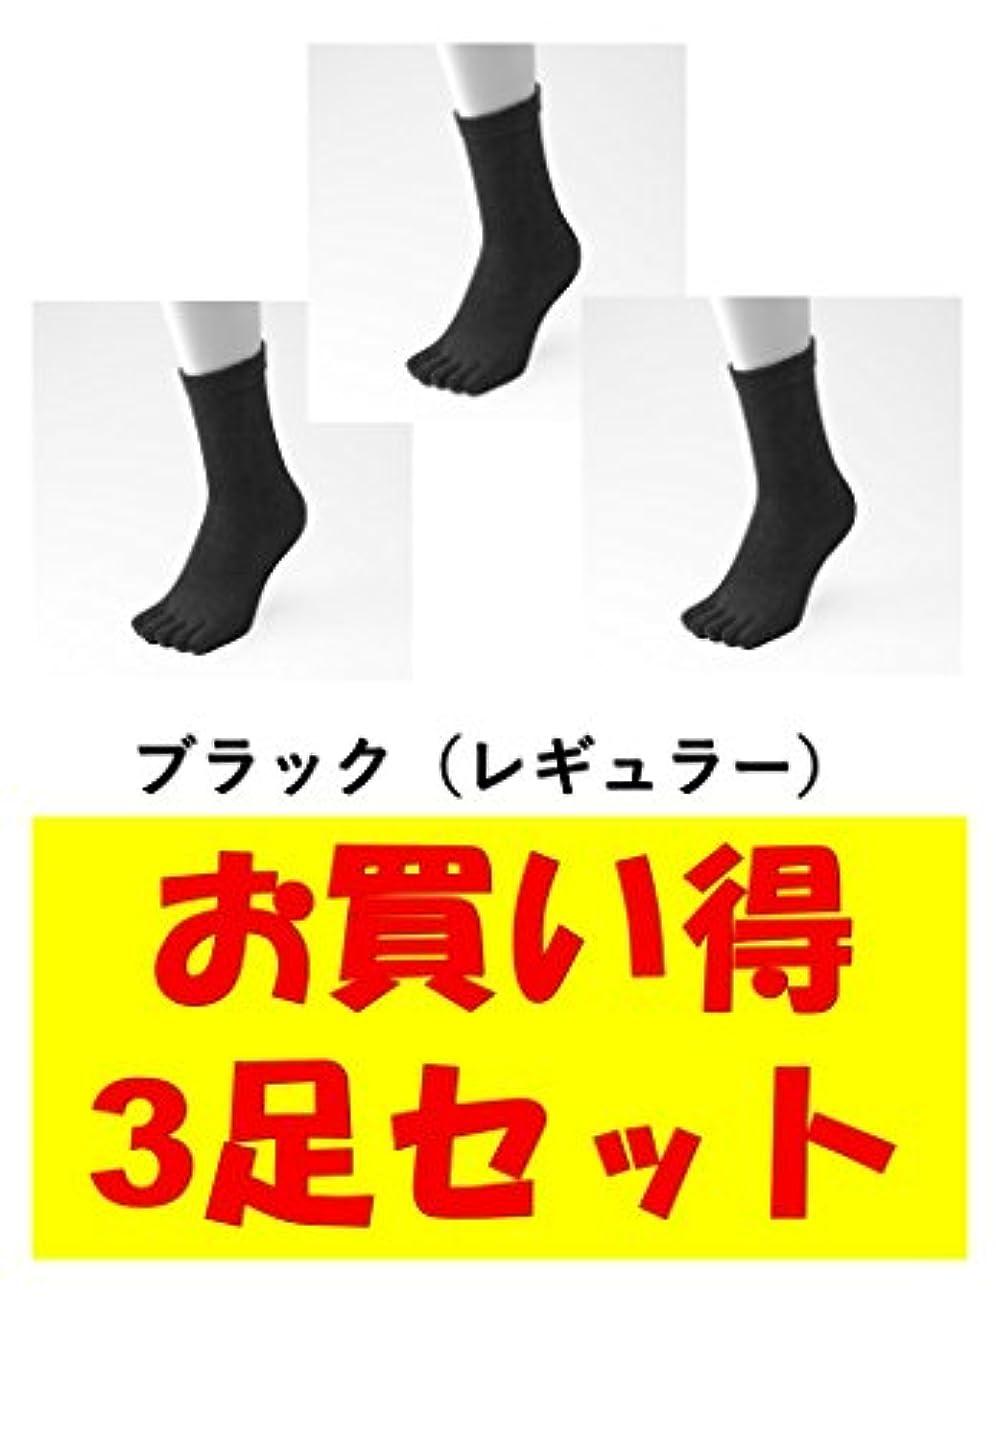 華氏水平合法お買い得3足セット 5本指 ゆびのばソックス ゆびのばレギュラー ブラック 男性用 25.5cm-28.0cm HSREGR-BLK